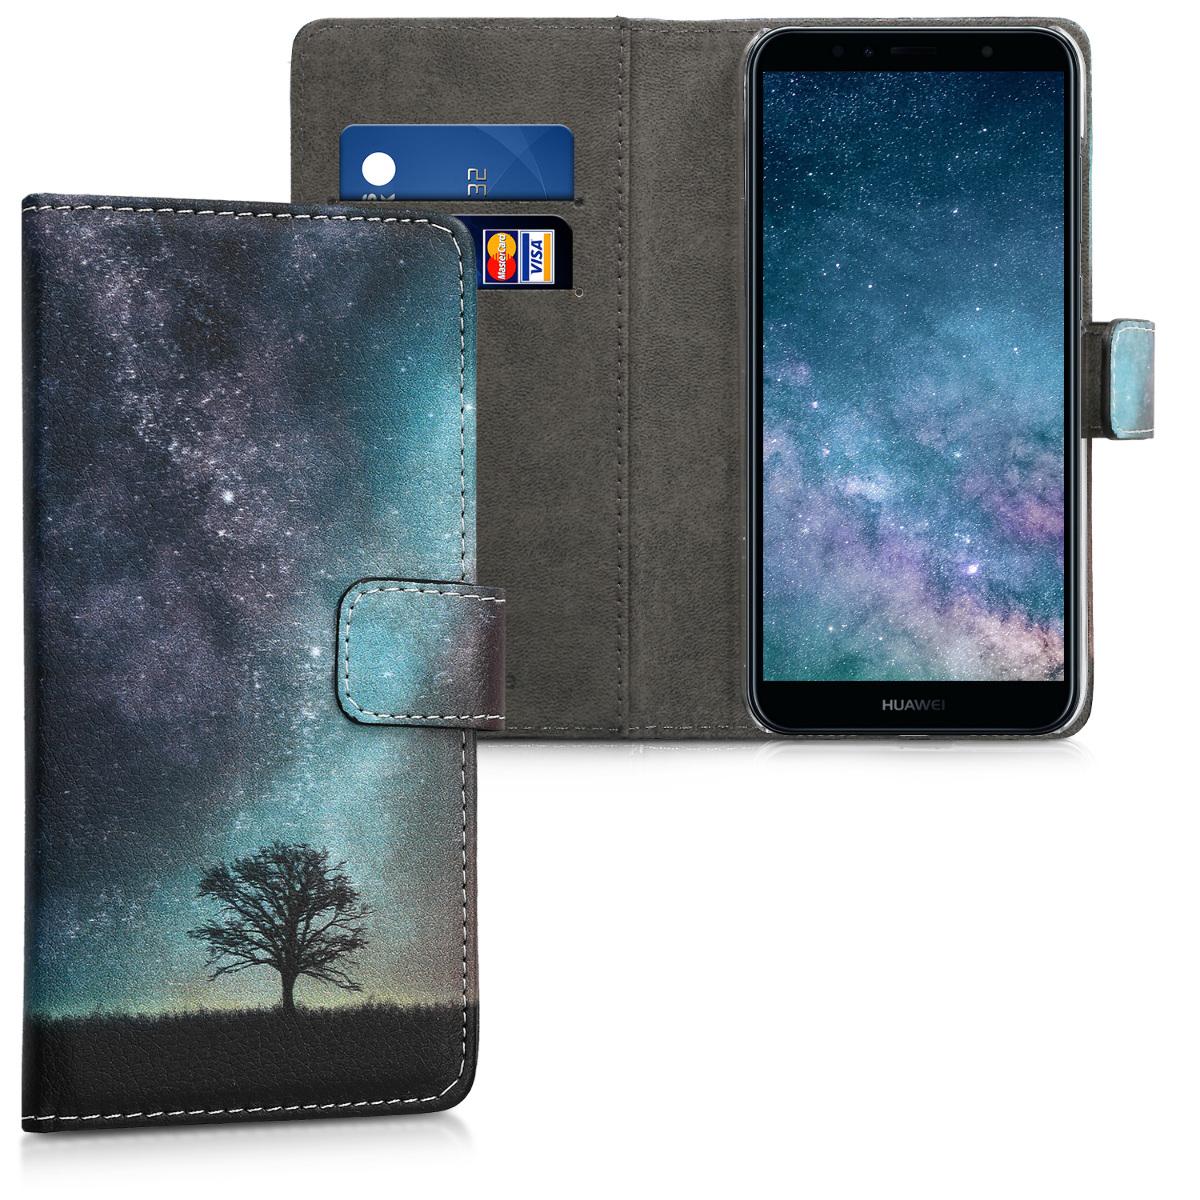 KW Θήκη Πορτοφόλι Huawei Y6 (2018) -  Blue / Grey / Black (45923.05)